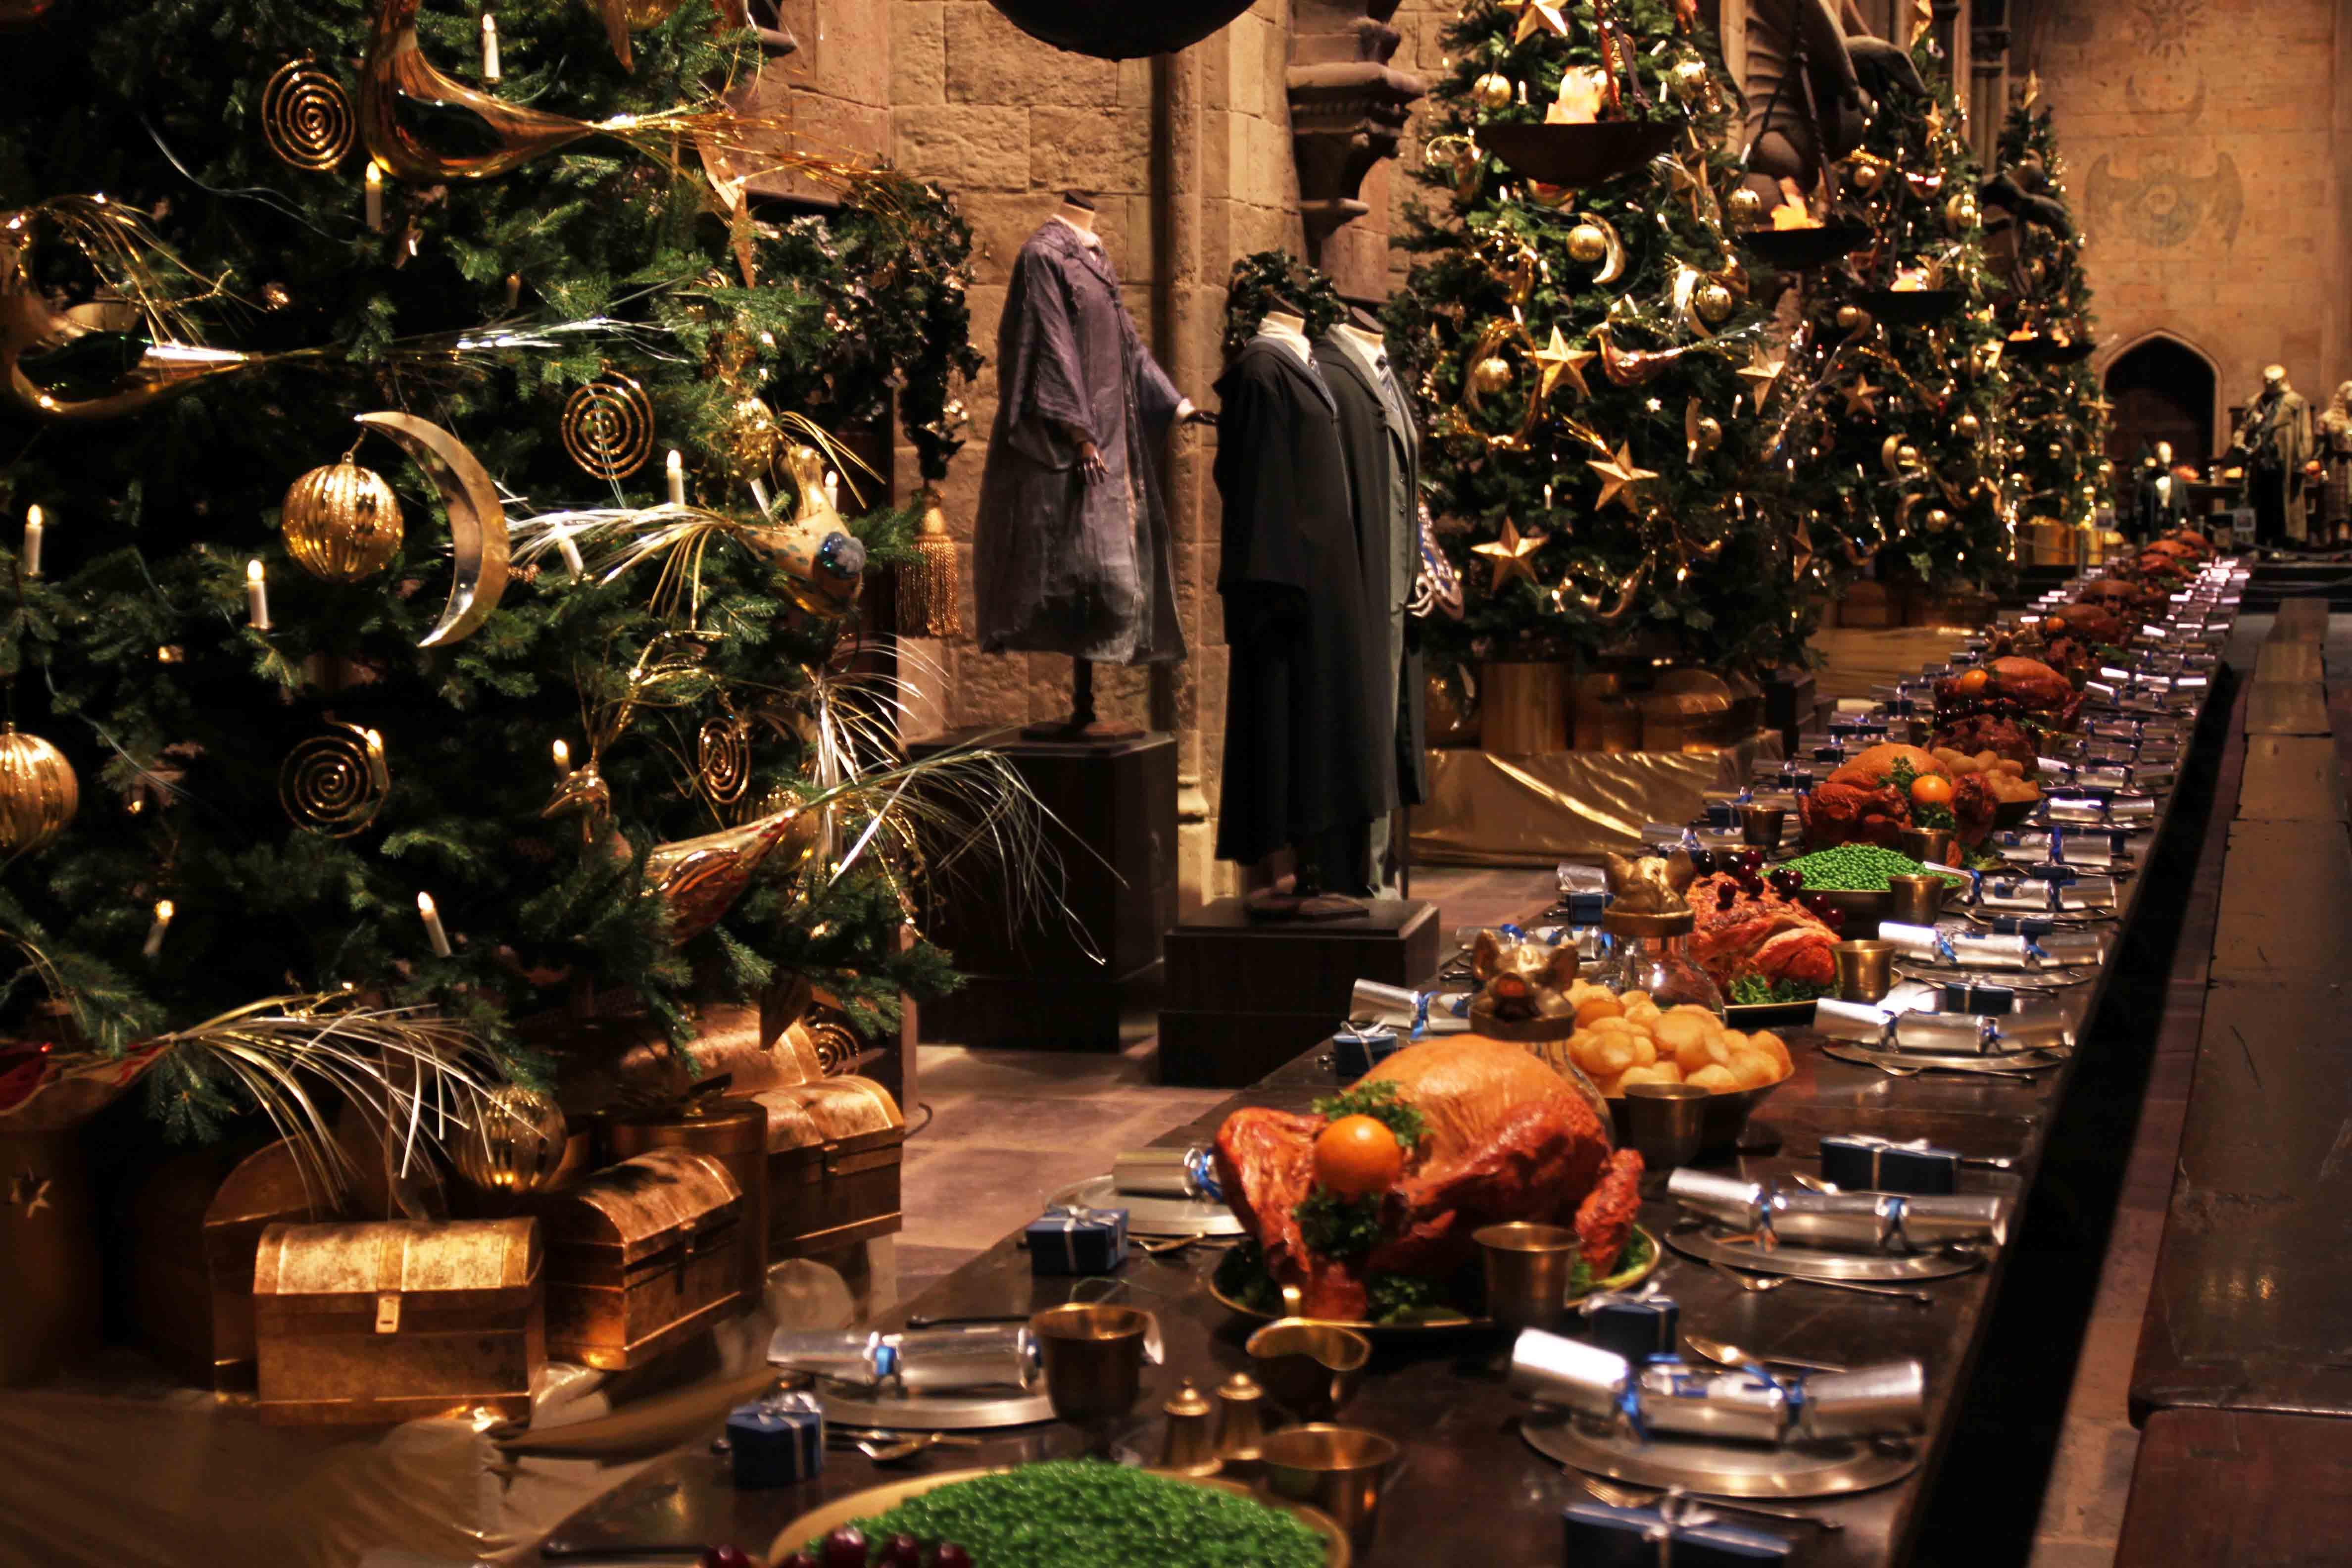 Ecco la sala grande addobbata per natale portus for Salle a manger harry potter